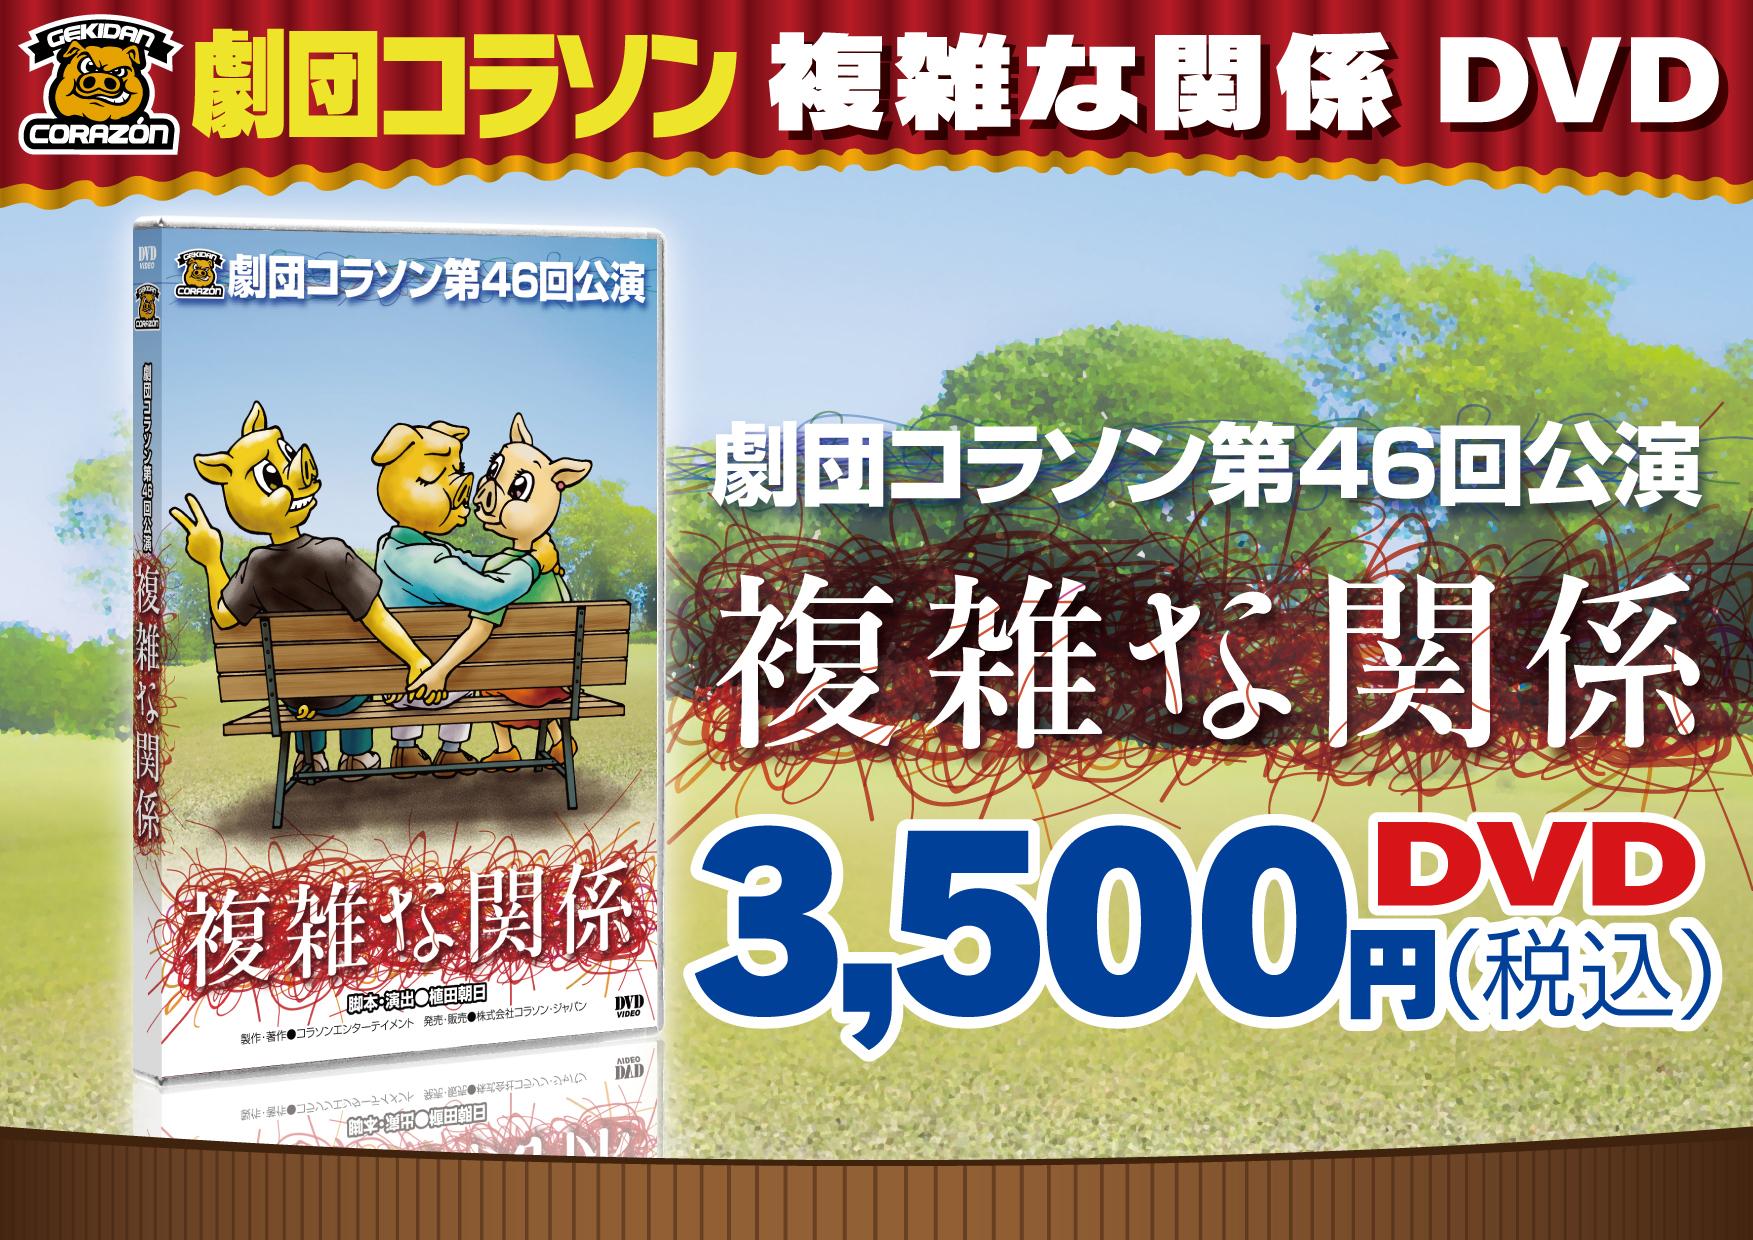 劇団コラソン第46回公演「複雑な関係」DVD